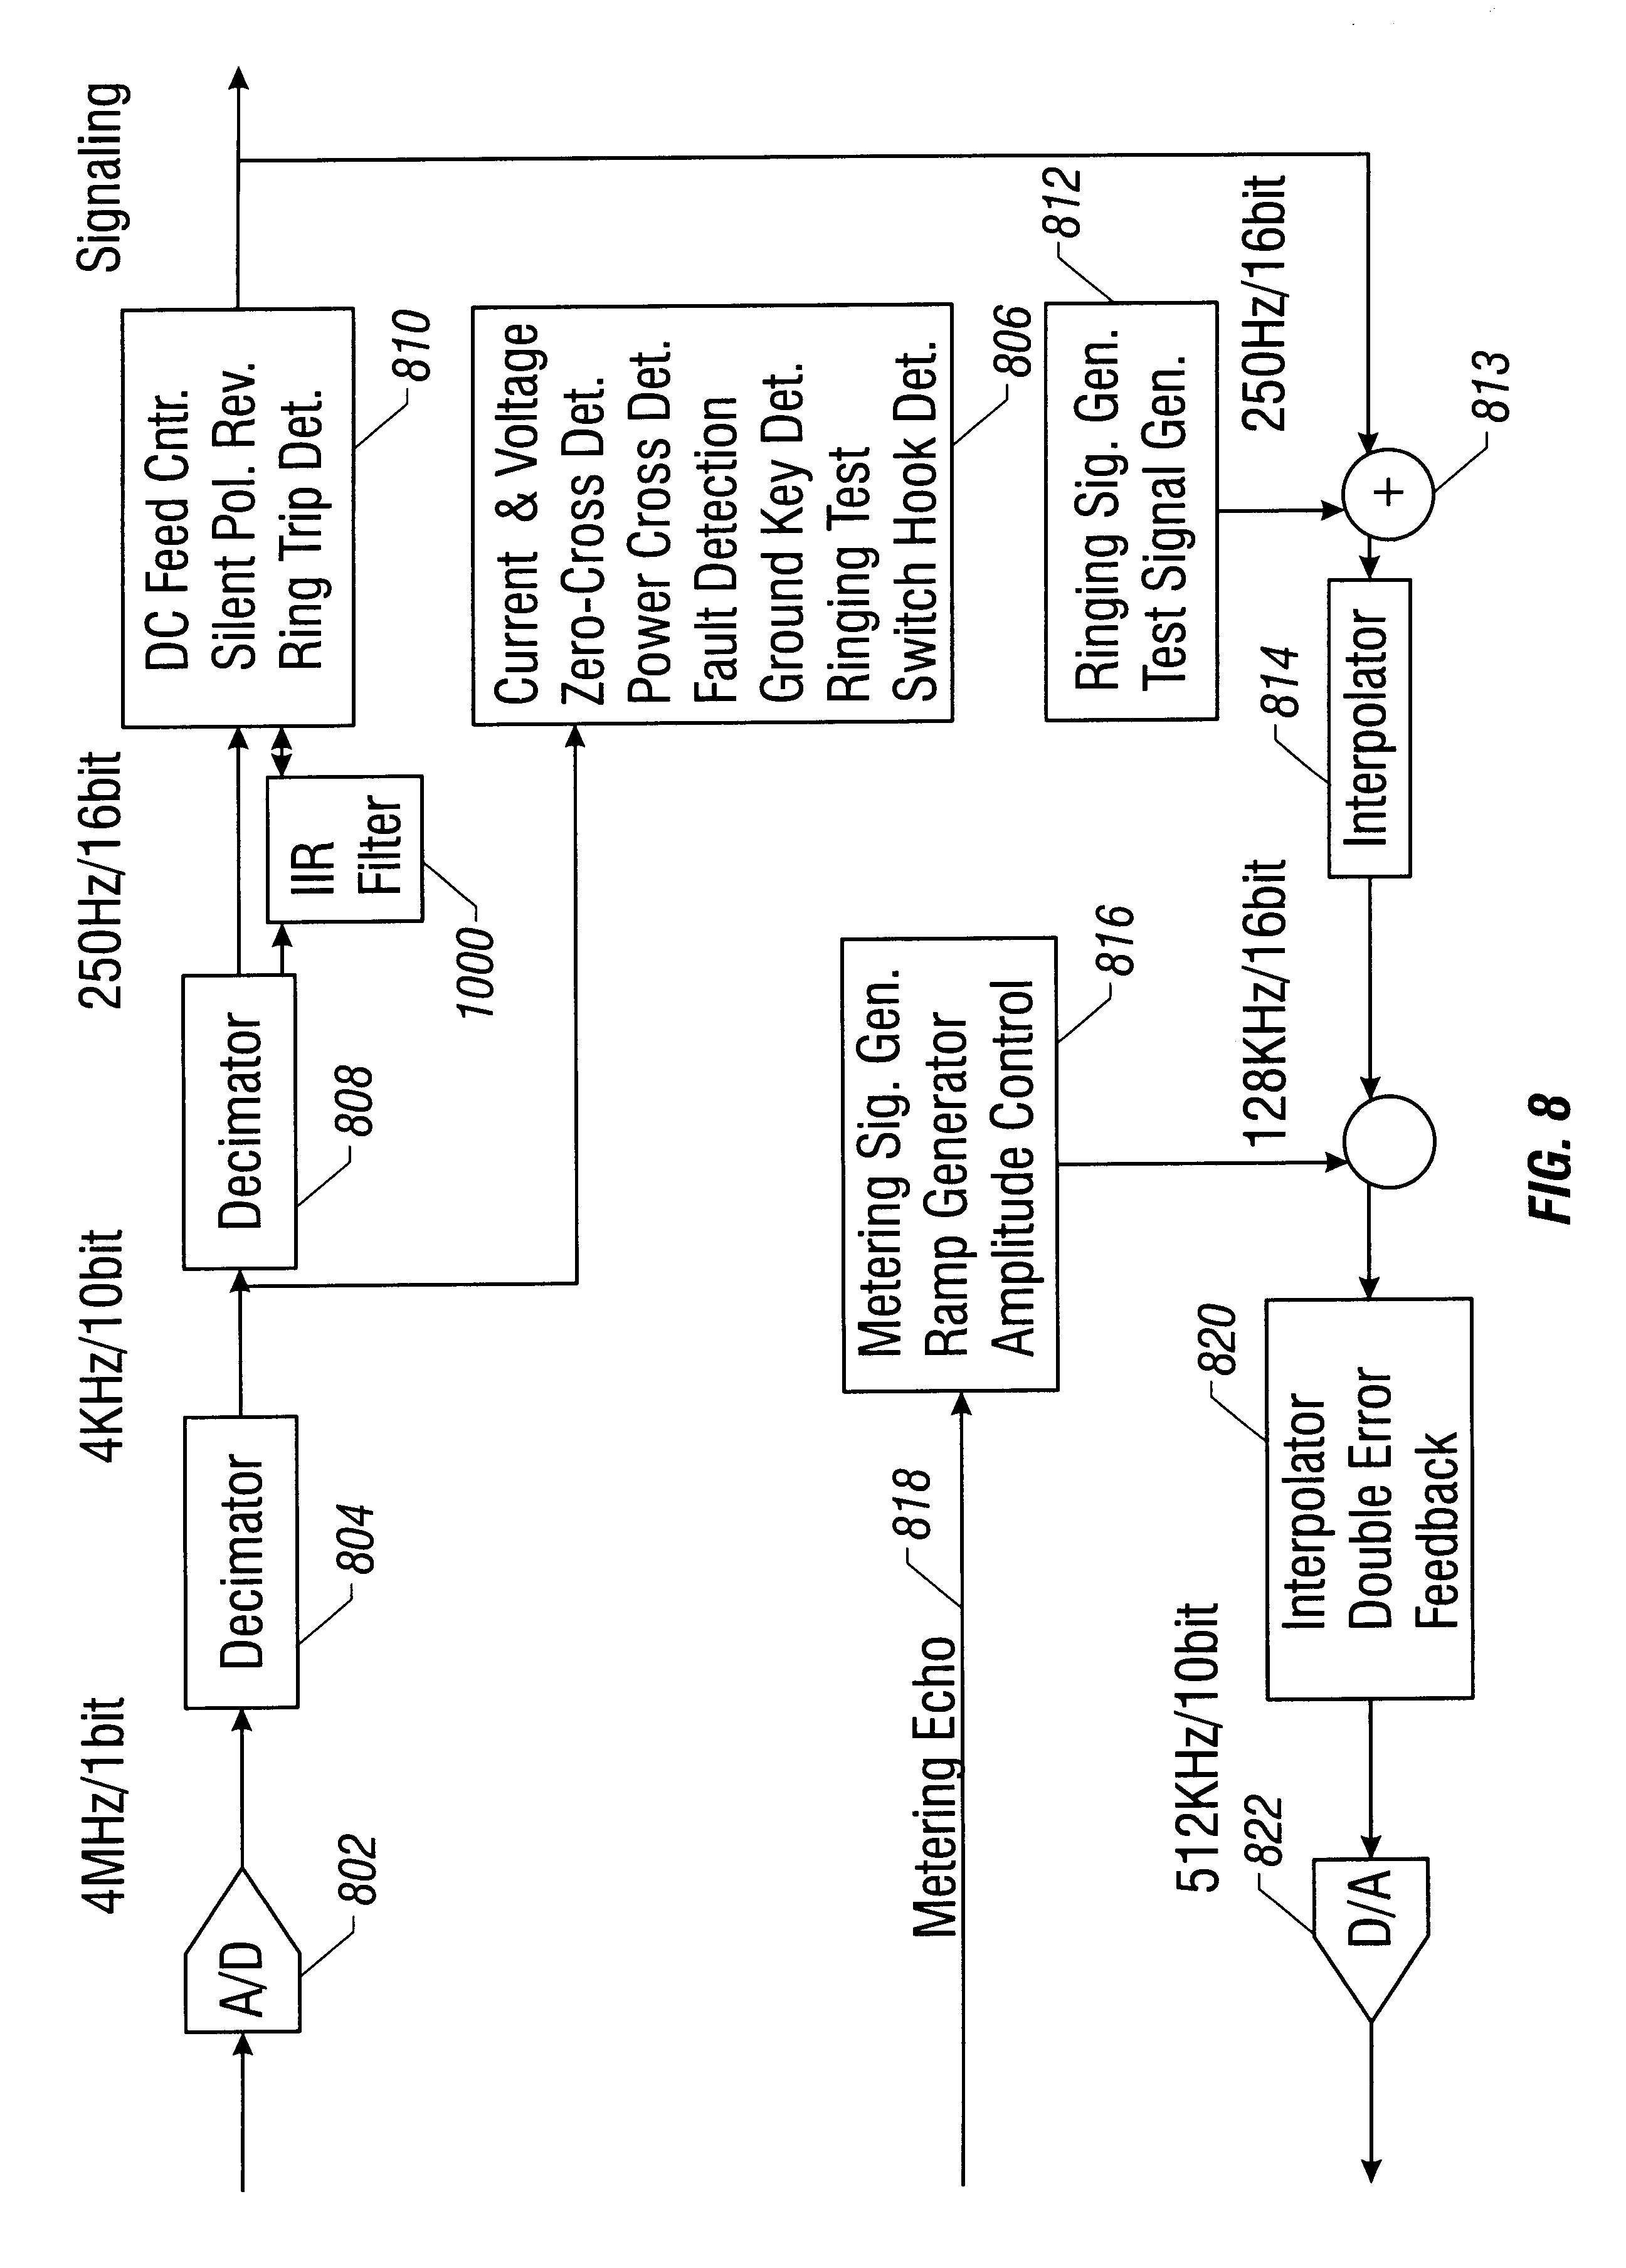 patent us6219417